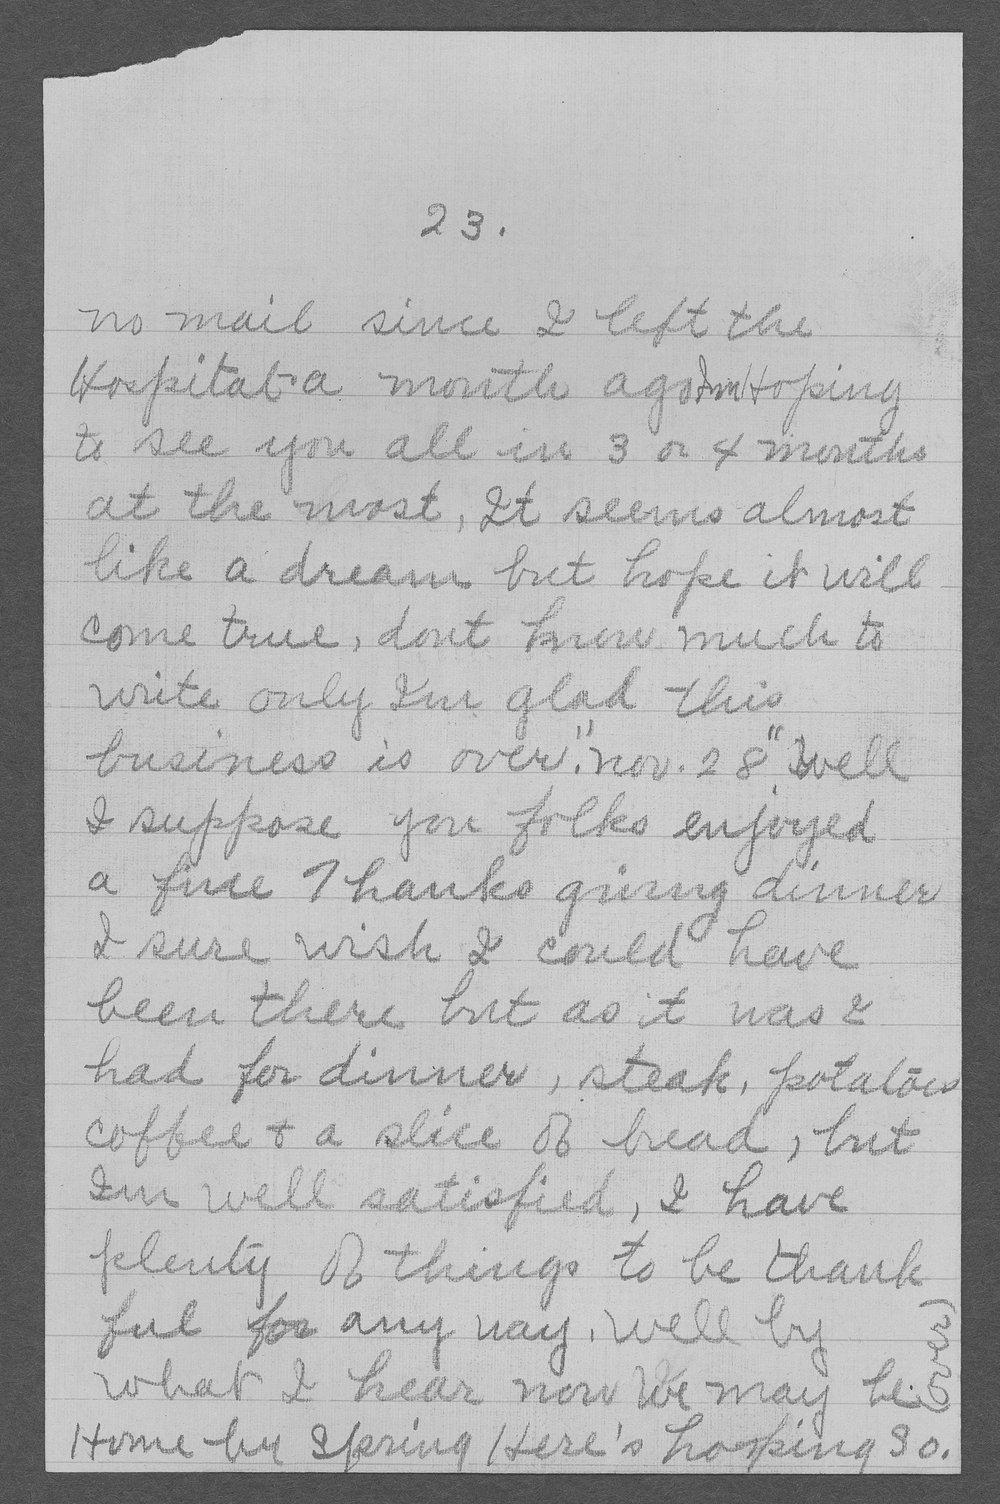 George R. Schertz, World War I soldier - 24